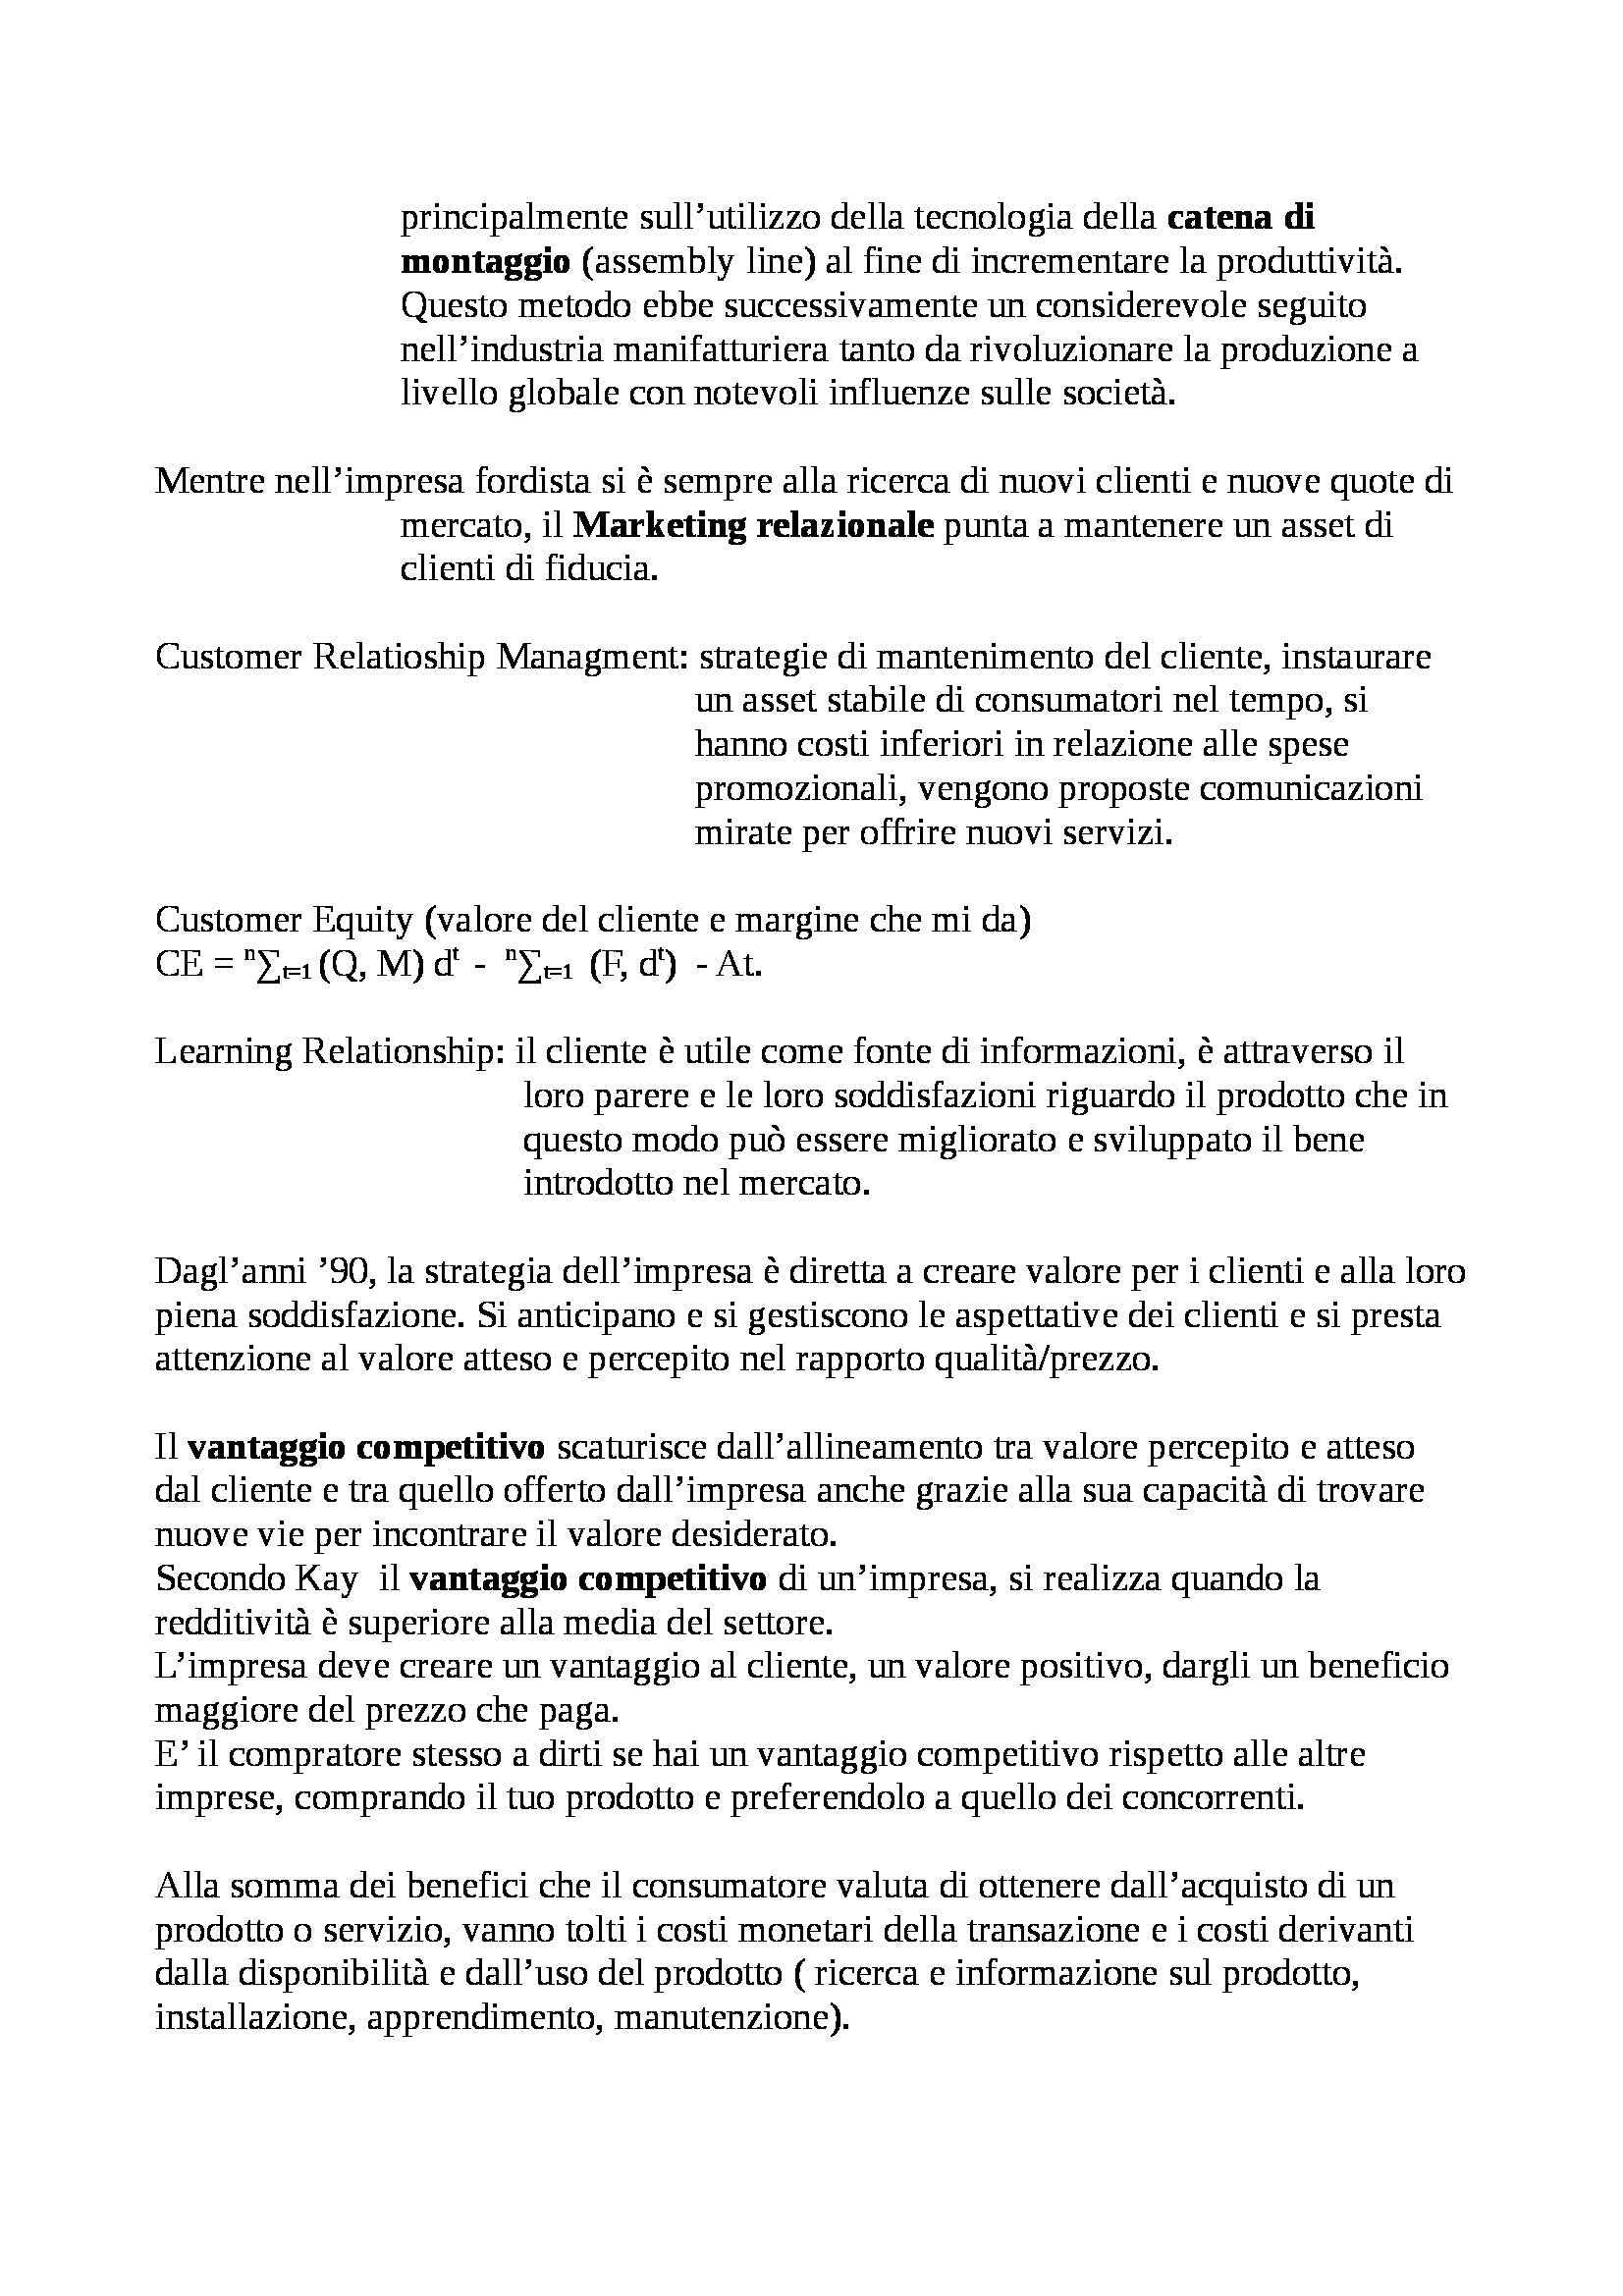 Economia e gestione delle imprese - Appunti Pag. 2